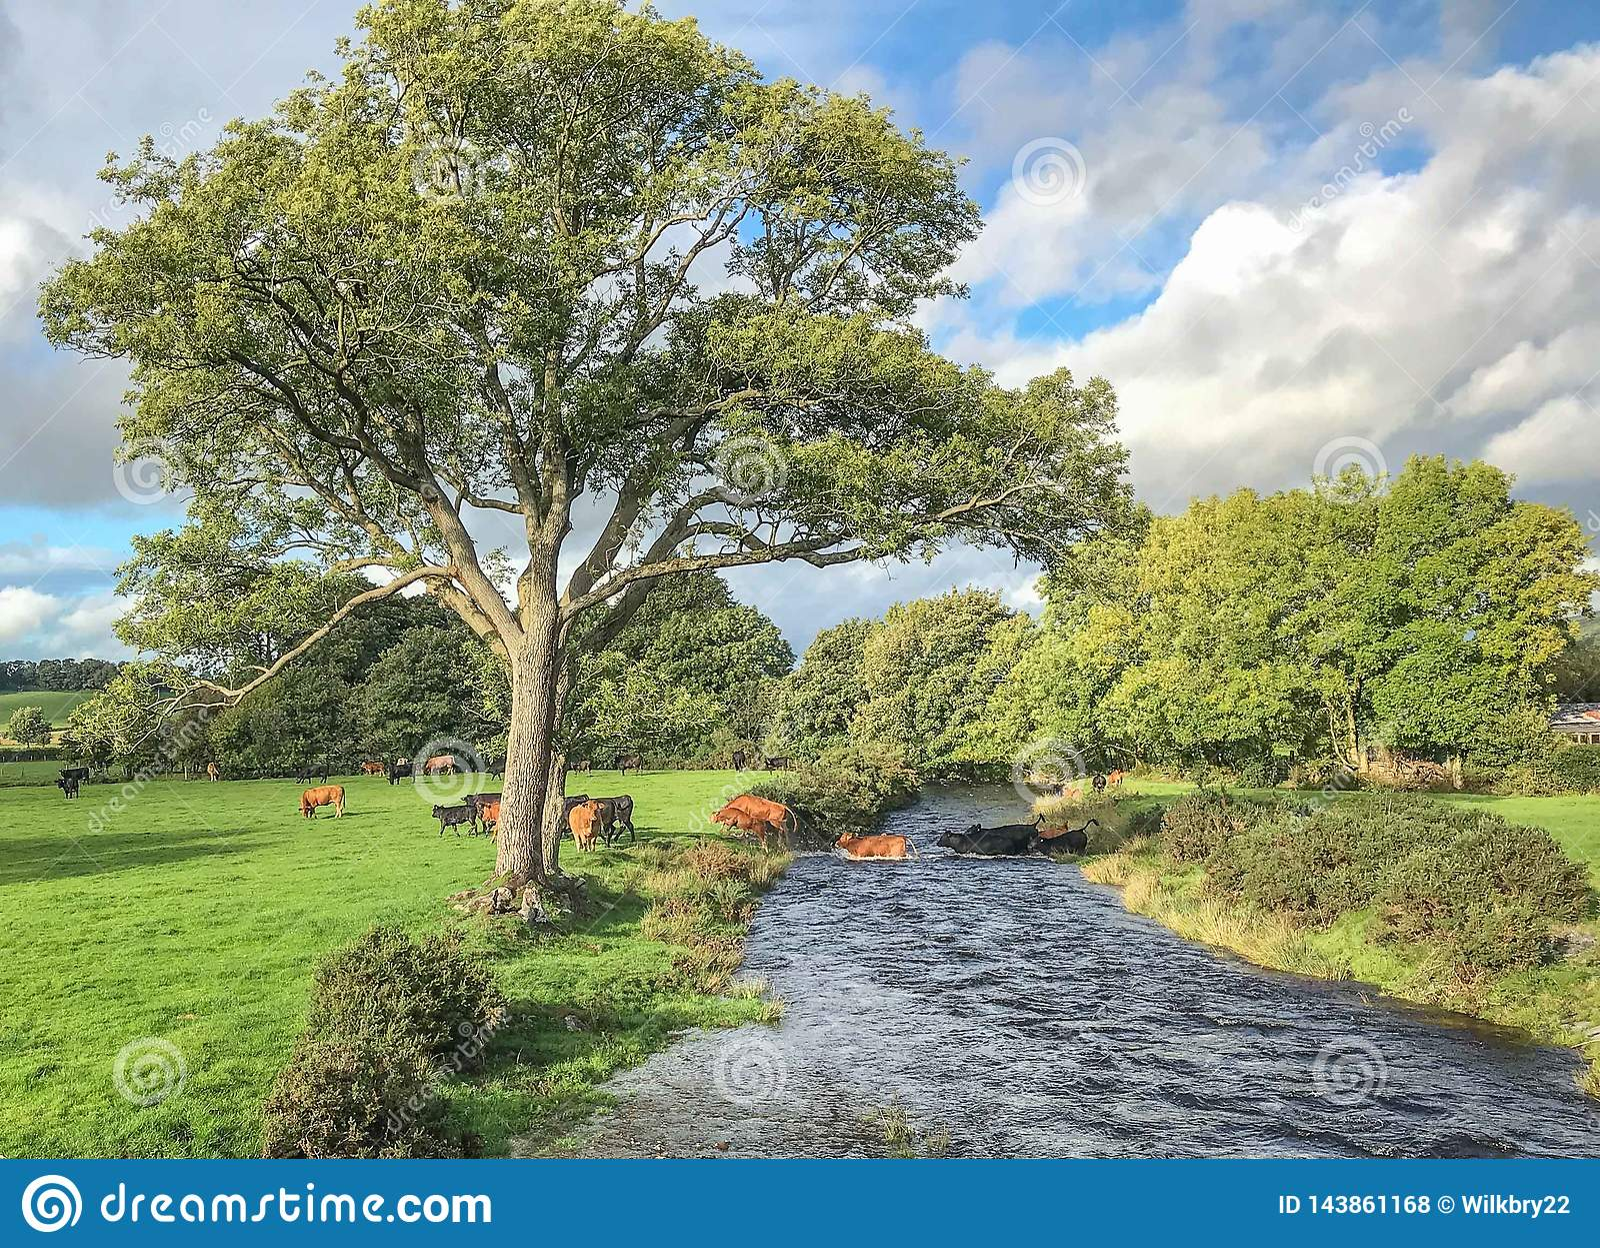 Kühe, die Fluss kreuzen